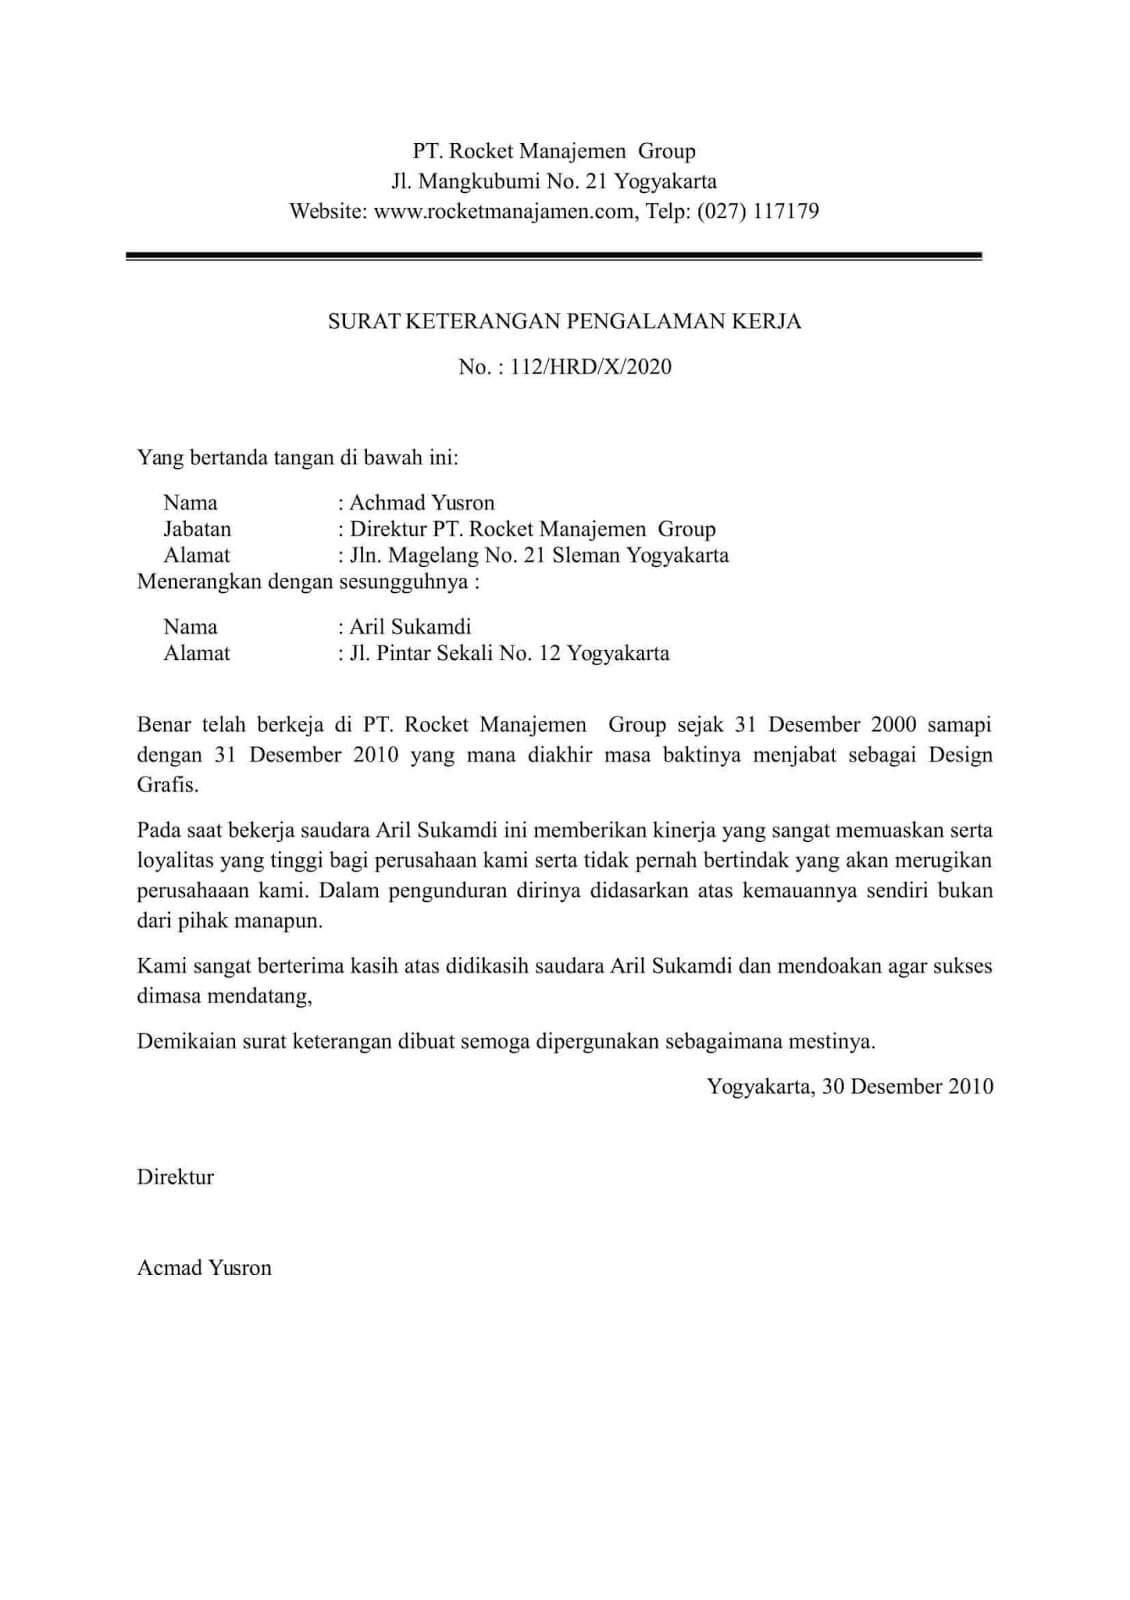 8+ Contoh Surat Keterangan Kerja terlengkap untuk berbagai ...